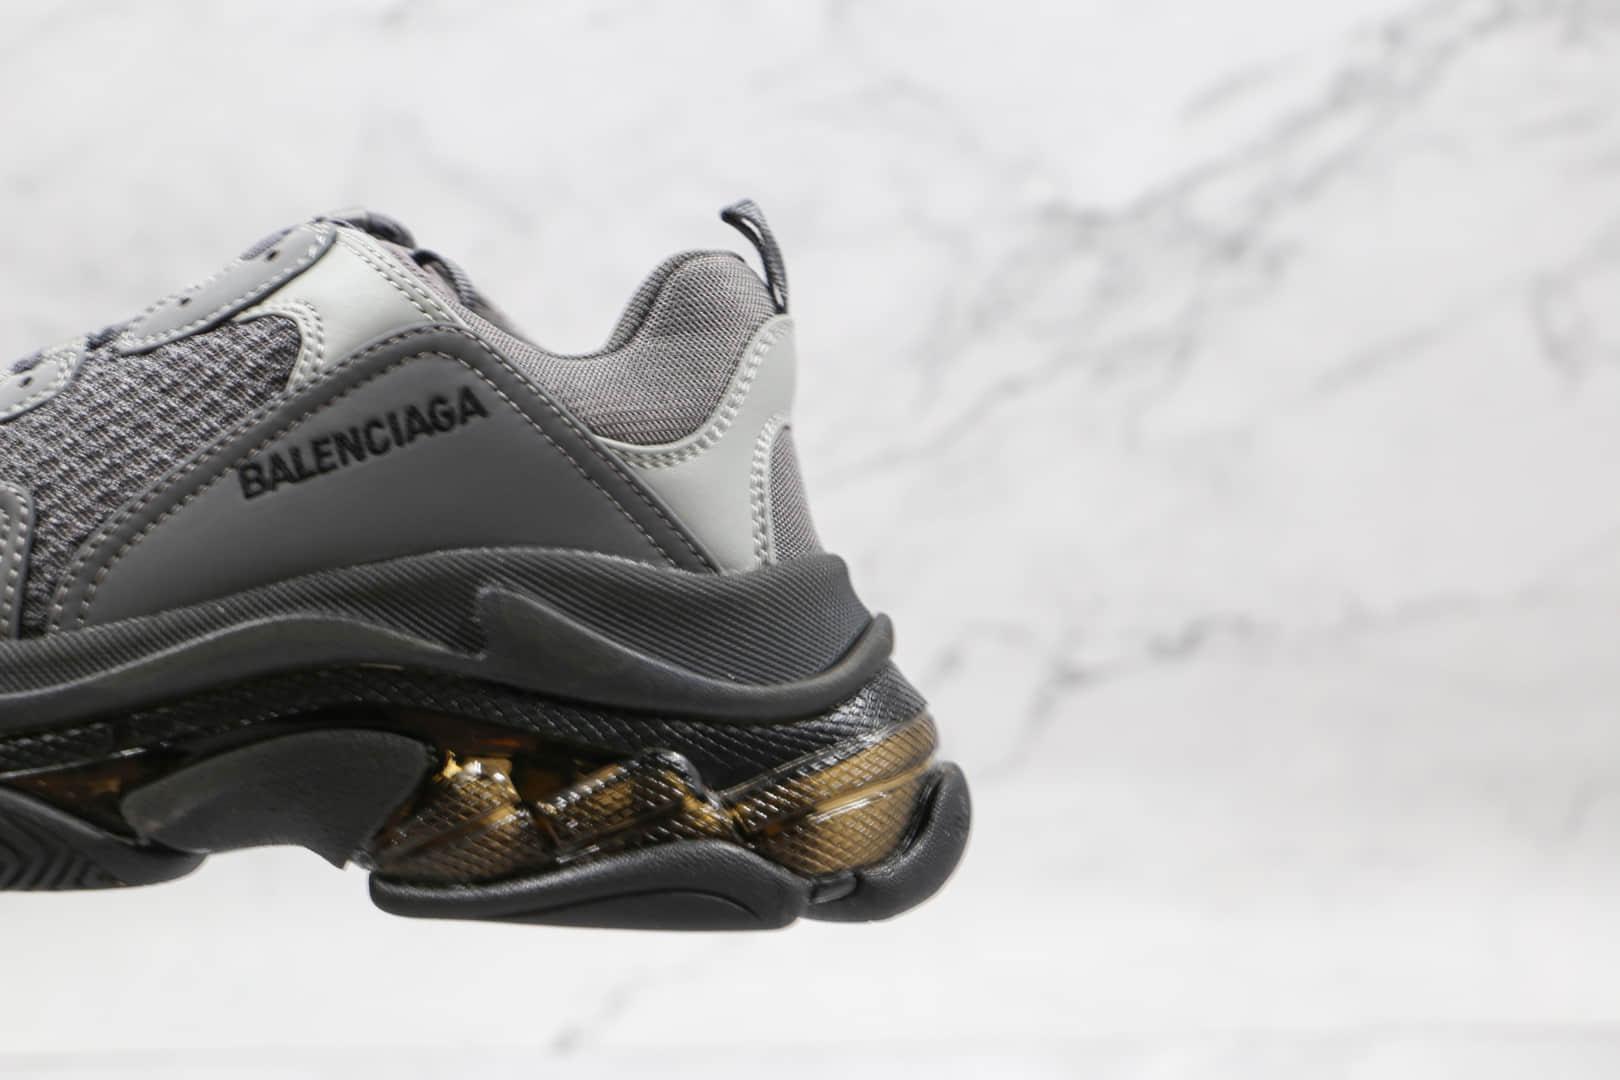 巴黎世家Balenciaga Triple S纯原版本气垫黑色一代老爹鞋原盒原标原原厂组合大底